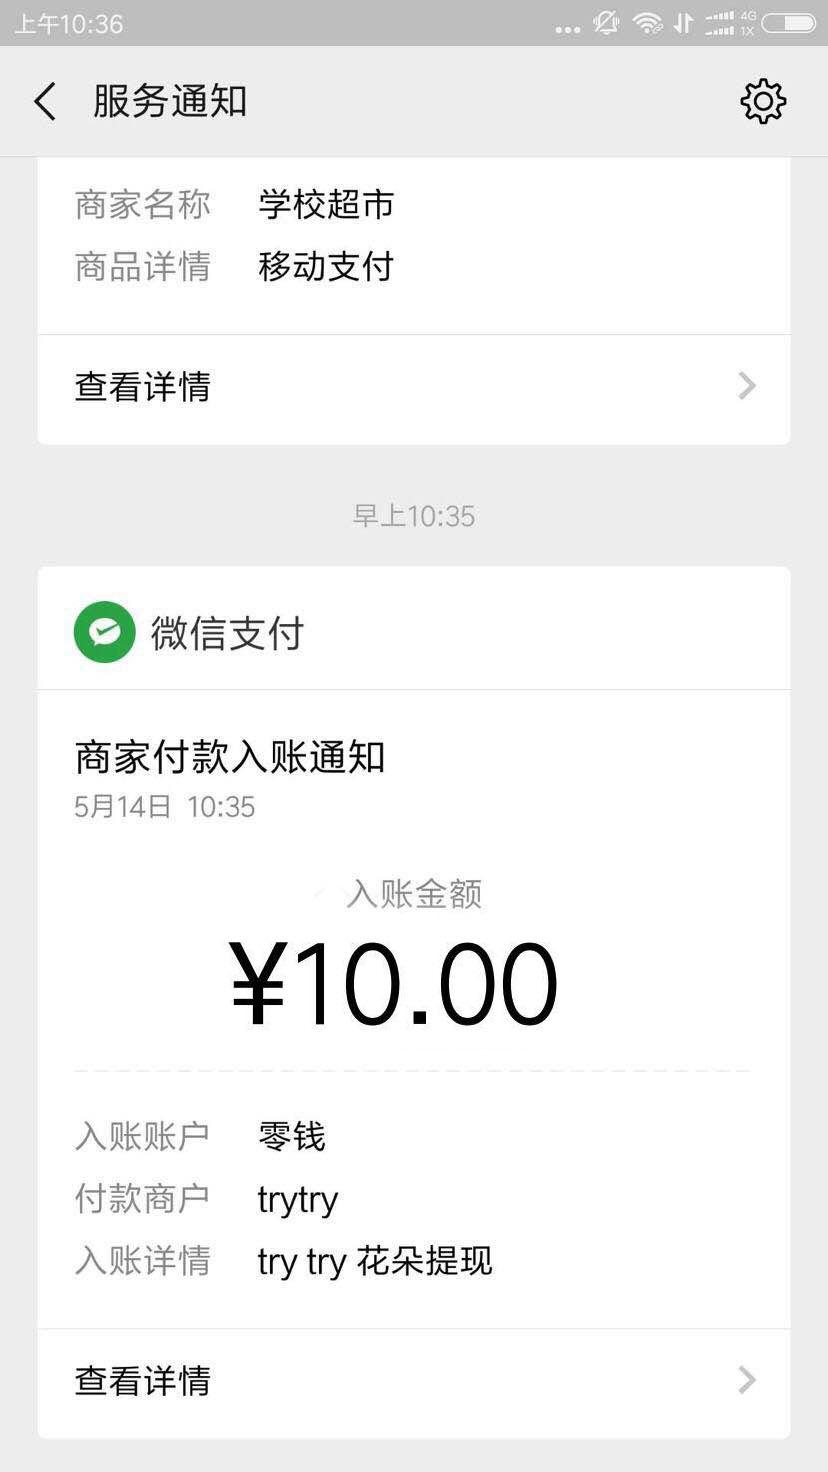 【现金红包】tyty微信红包10元必中-www.im86.com